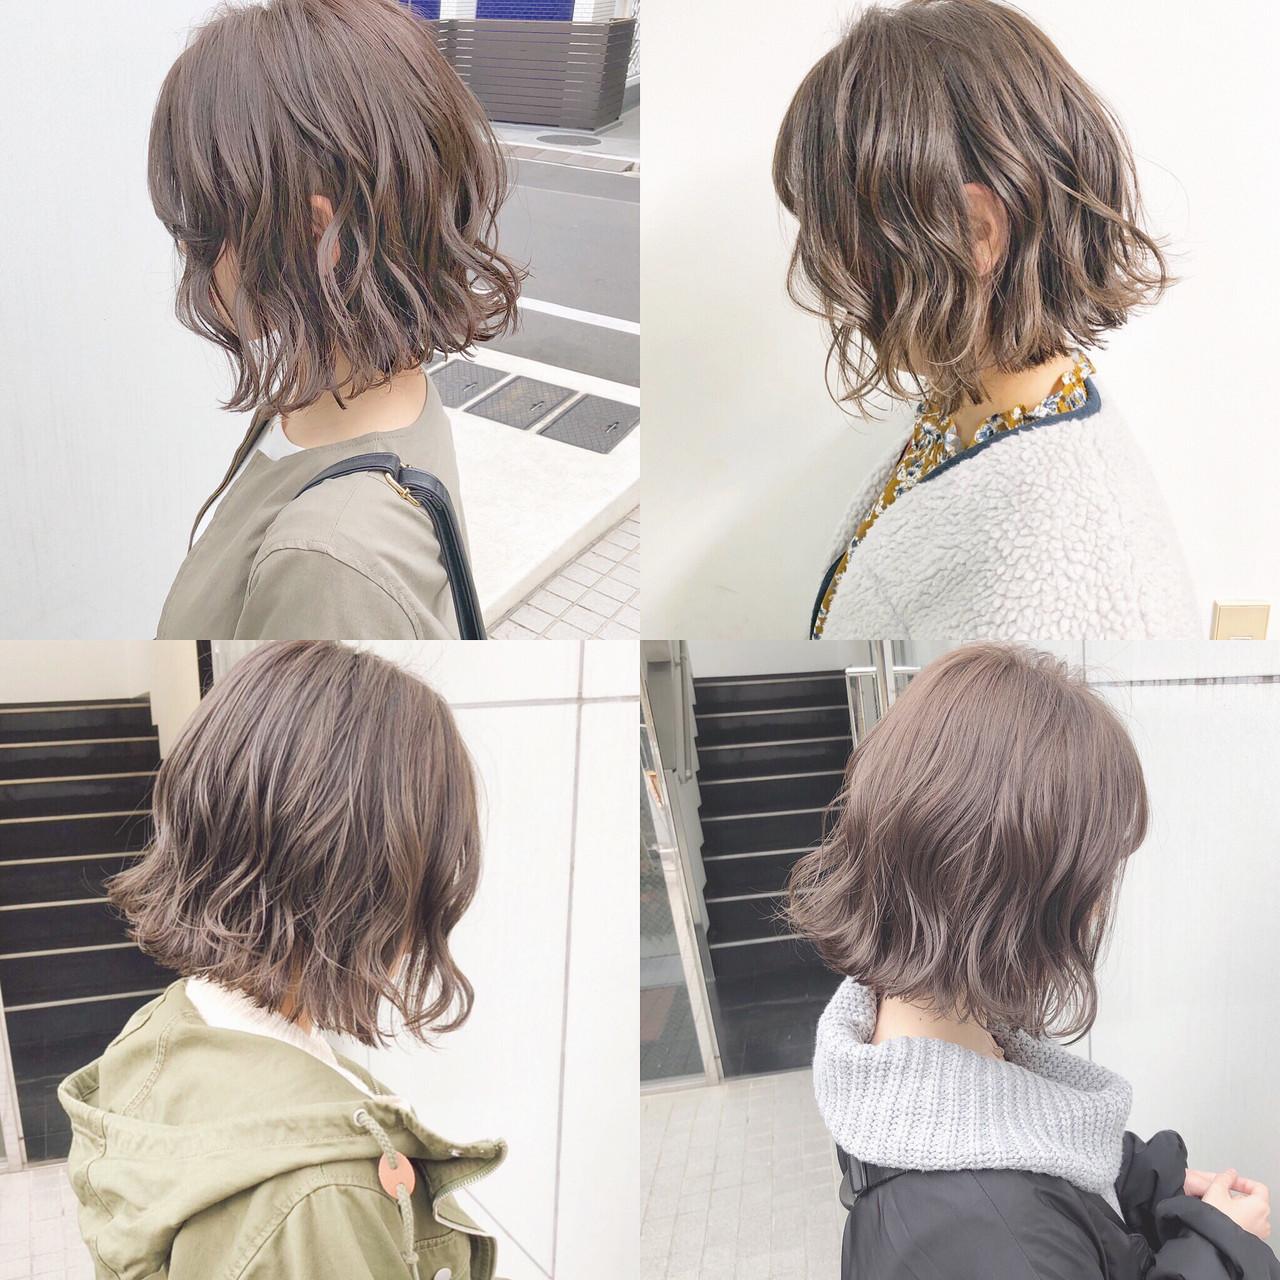 ヘアアレンジ オフィス デート ボブ ヘアスタイルや髪型の写真・画像 | 『ボブ美容師』永田邦彦 表参道 / send by HAIR